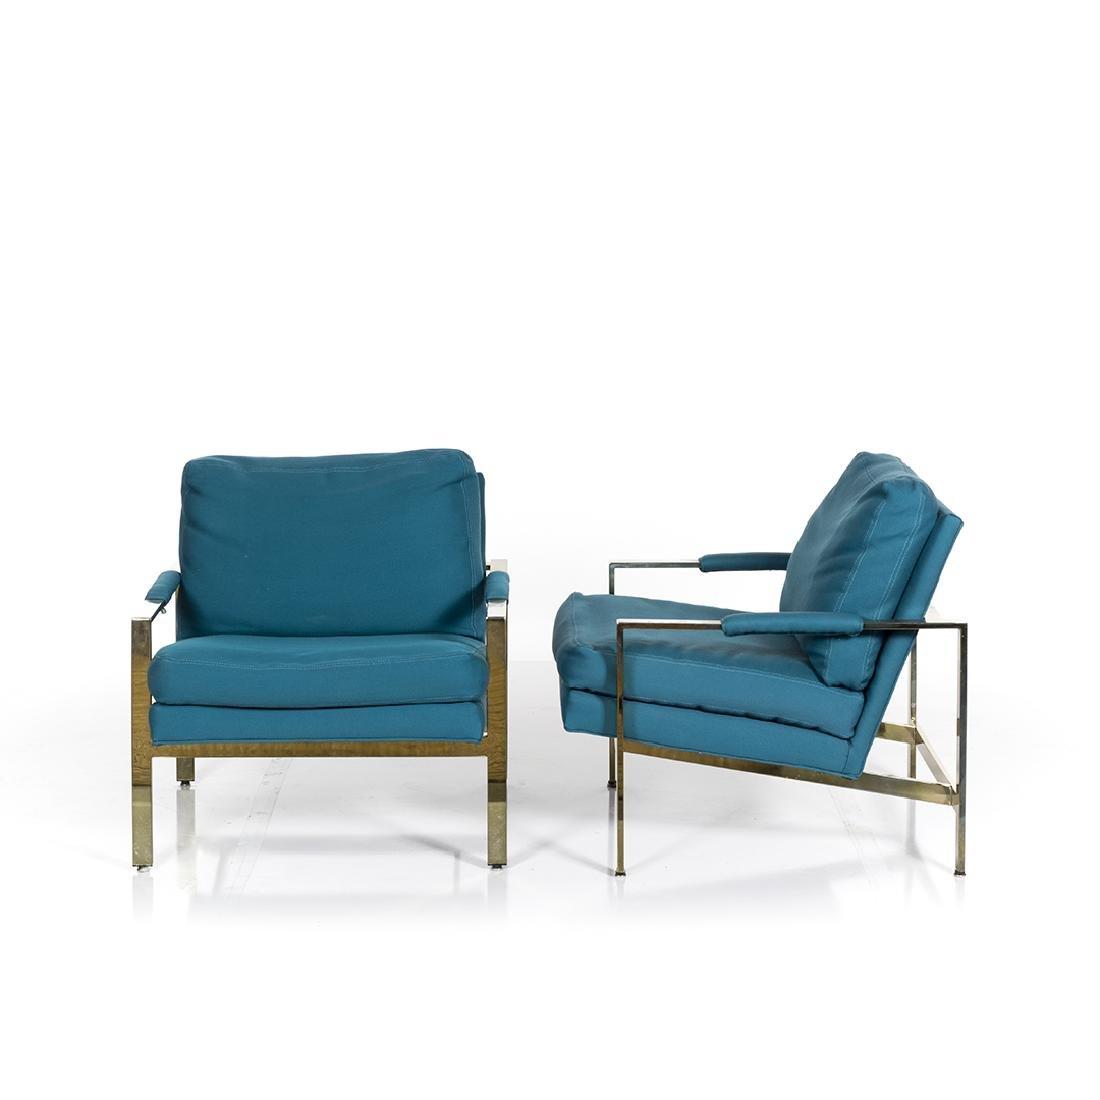 Milo Baughman Lounge Chairs (2) - 2